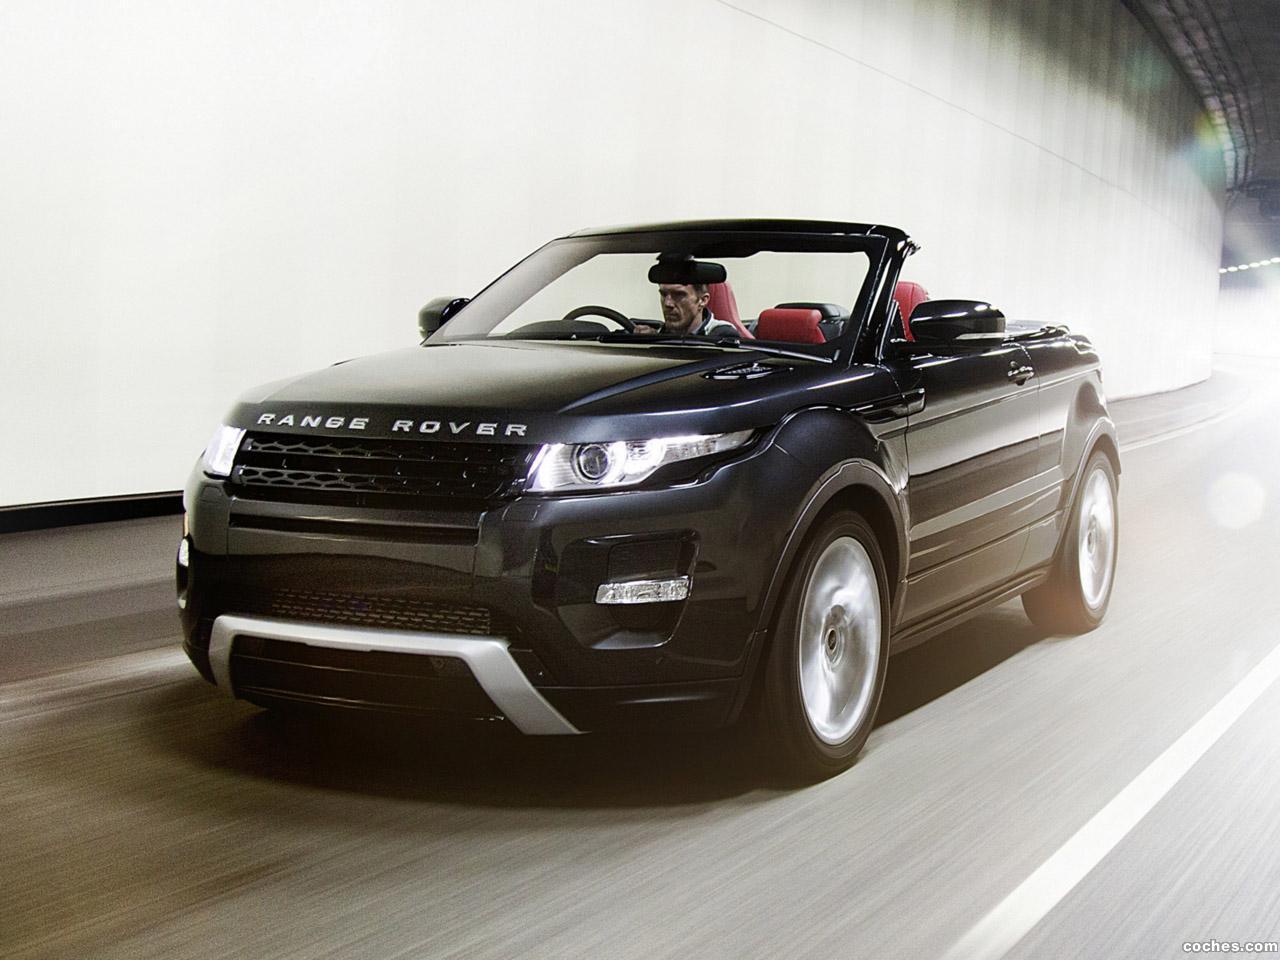 Foto 15 de Land Rover Range Rover Evoque Convertible Concept 2012